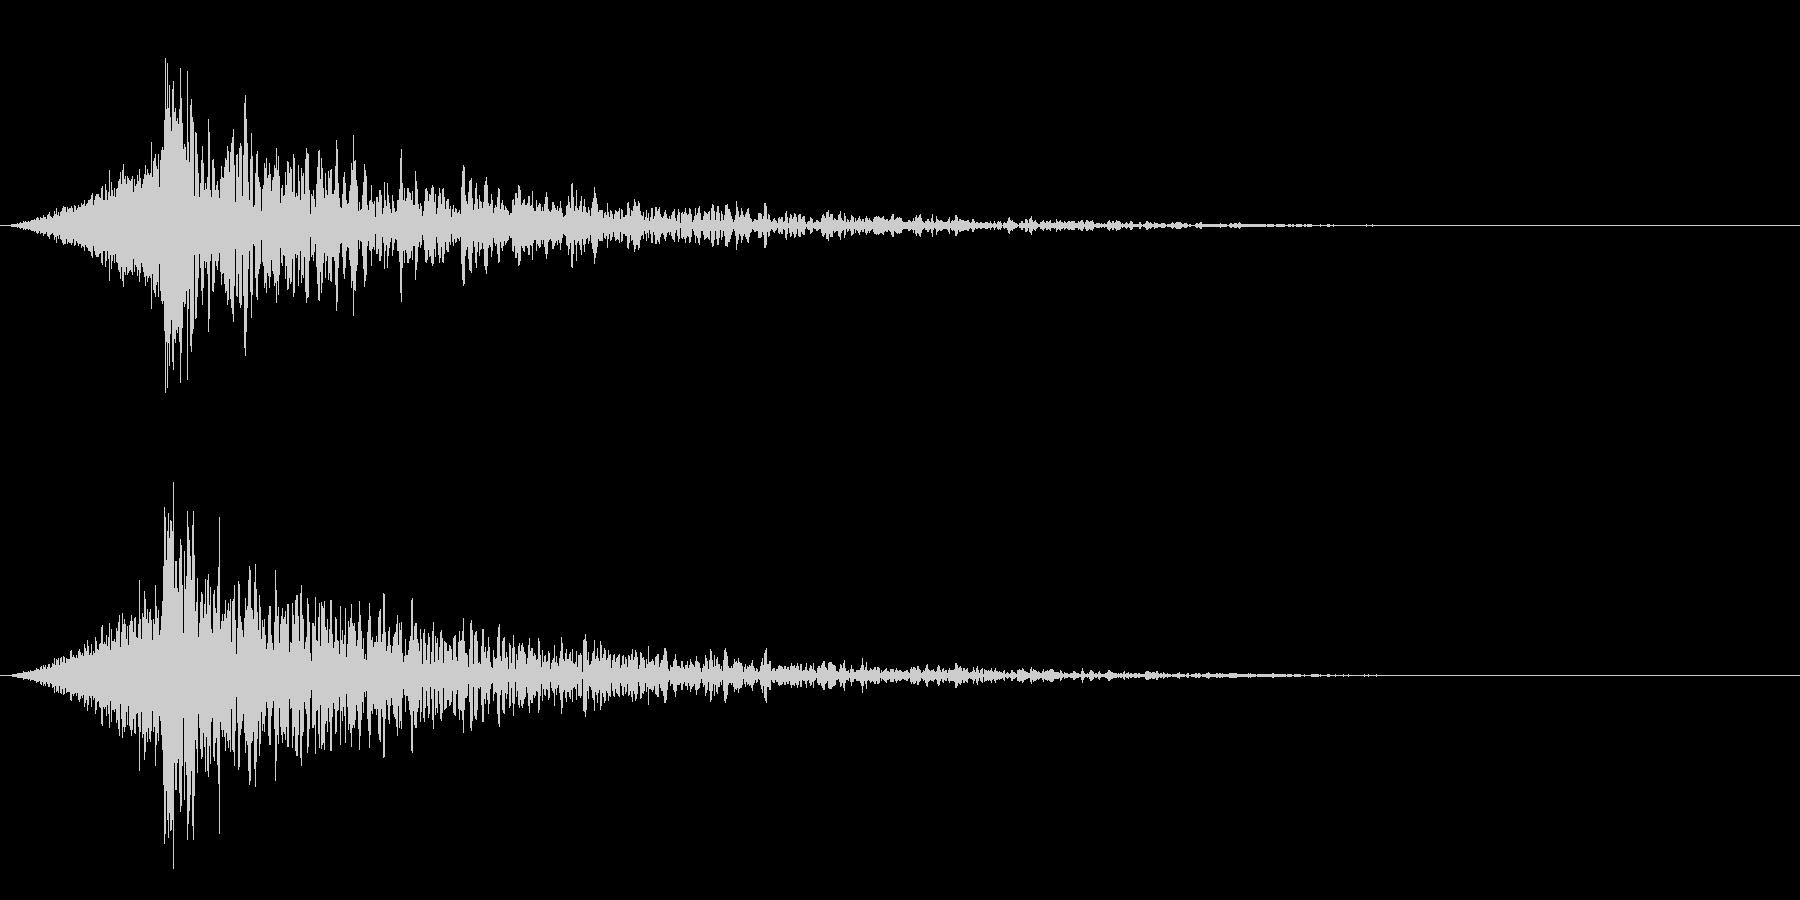 シュードーン-23-4(インパクト音)の未再生の波形